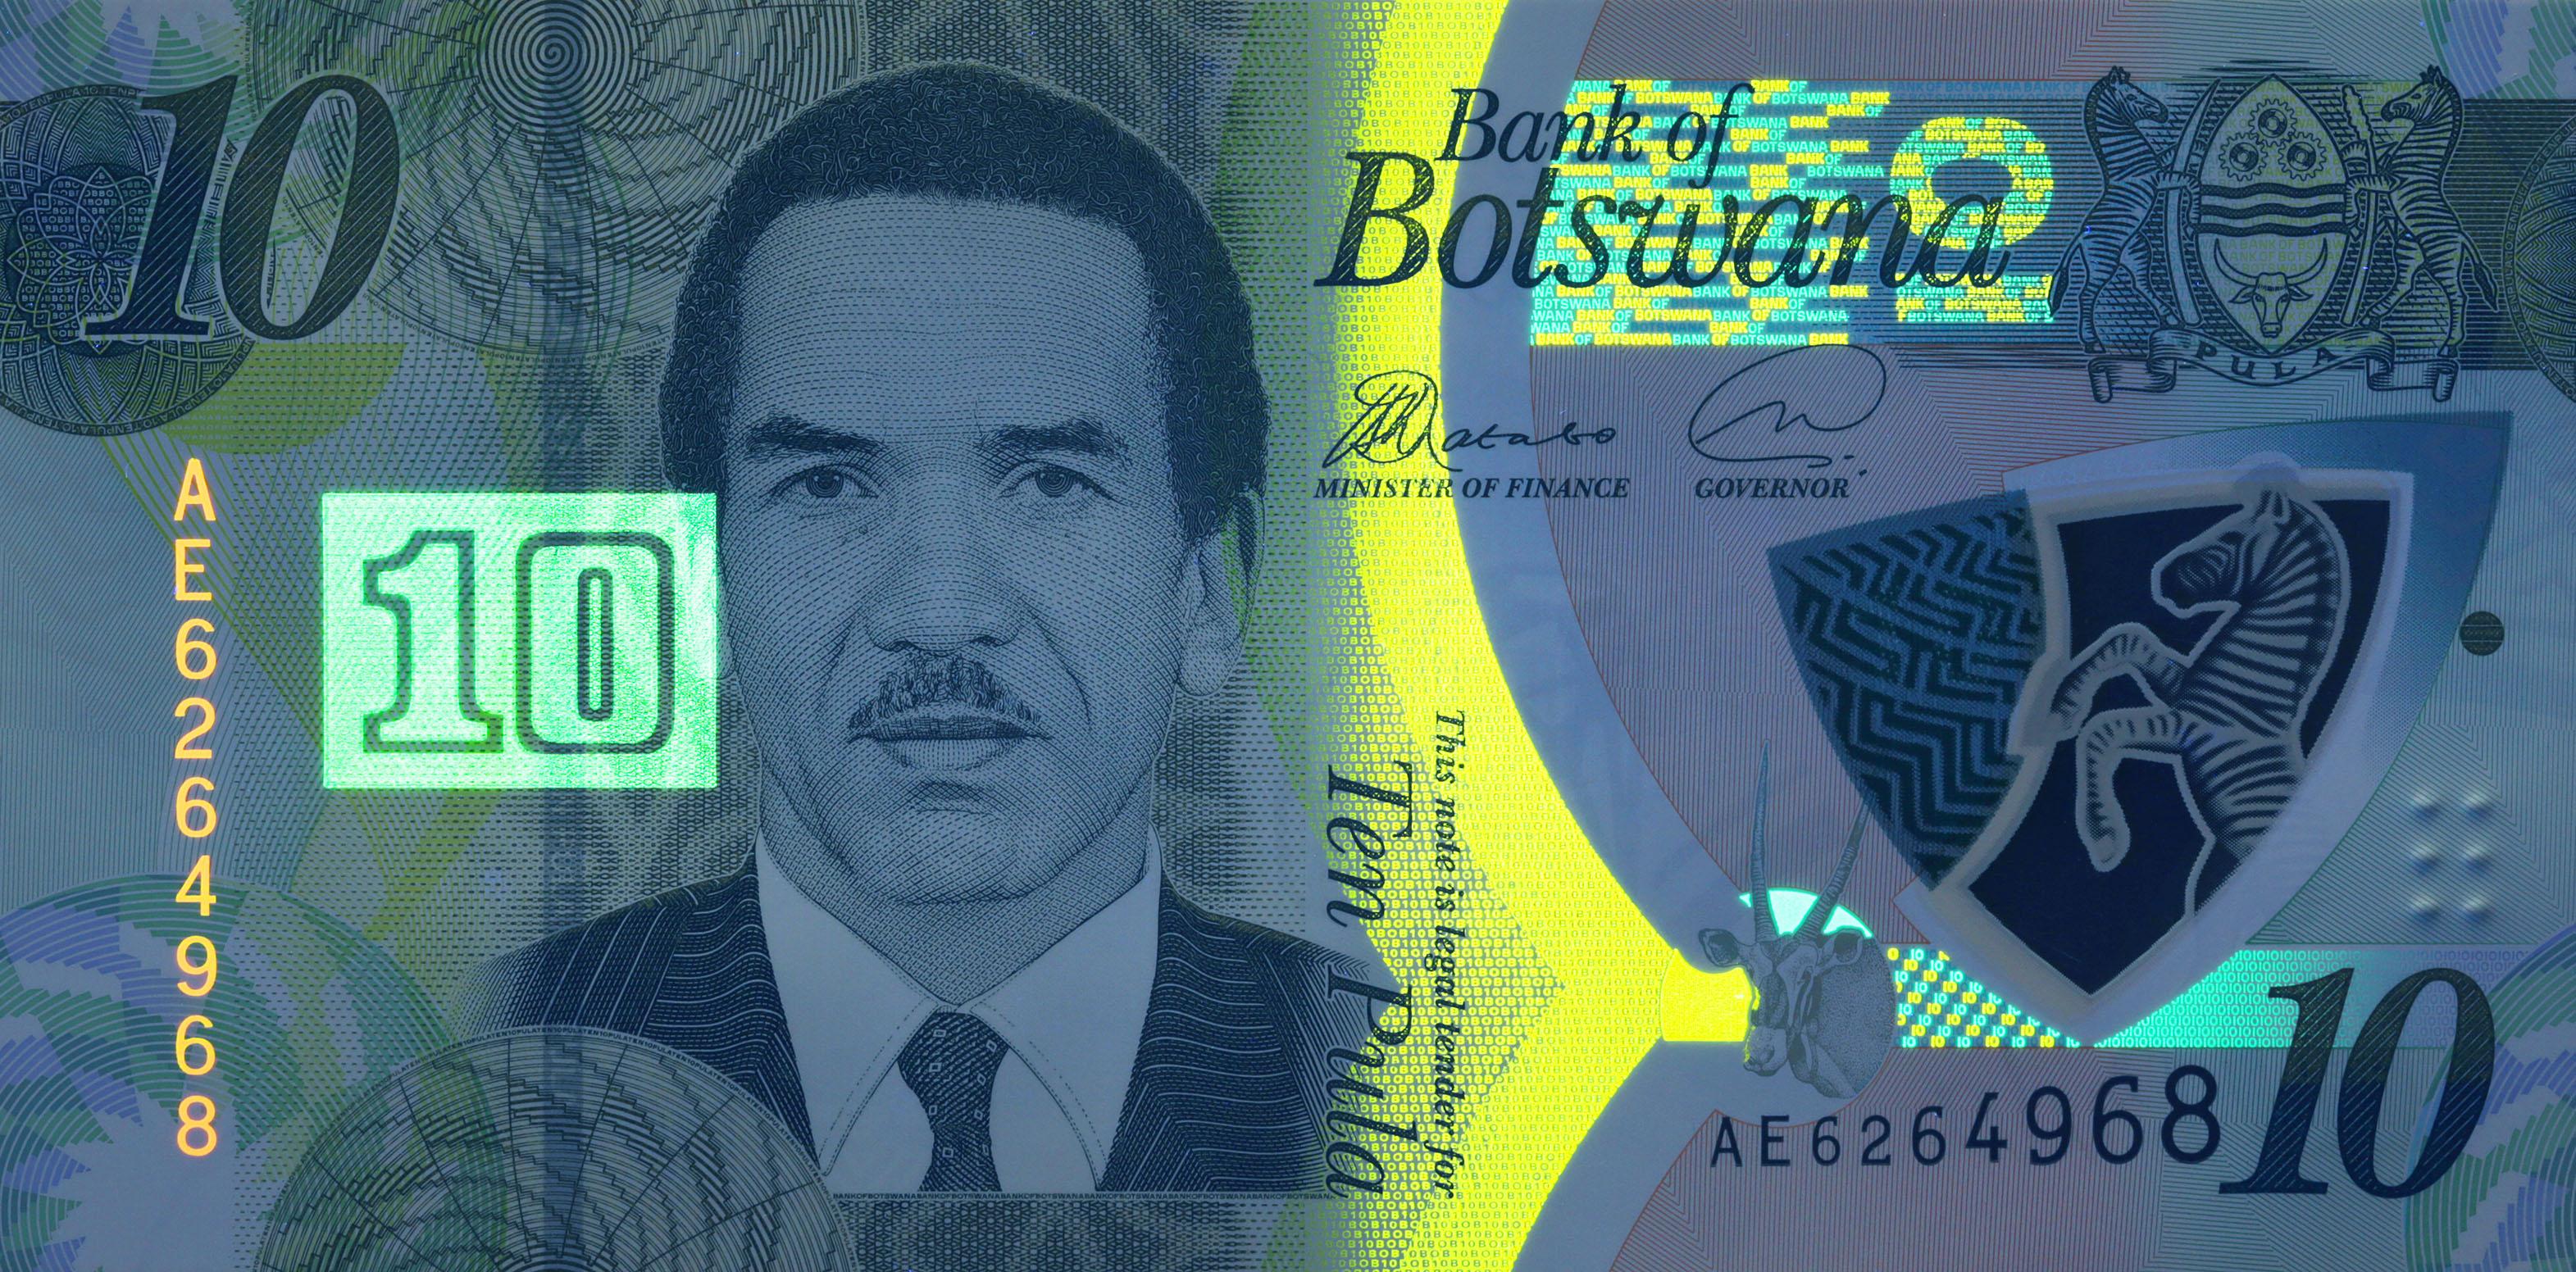 https://cdn2.hubspot.net/hubfs/2752422/Social%20Media/Botswana-$10-%282016%29-front-UV.jpg